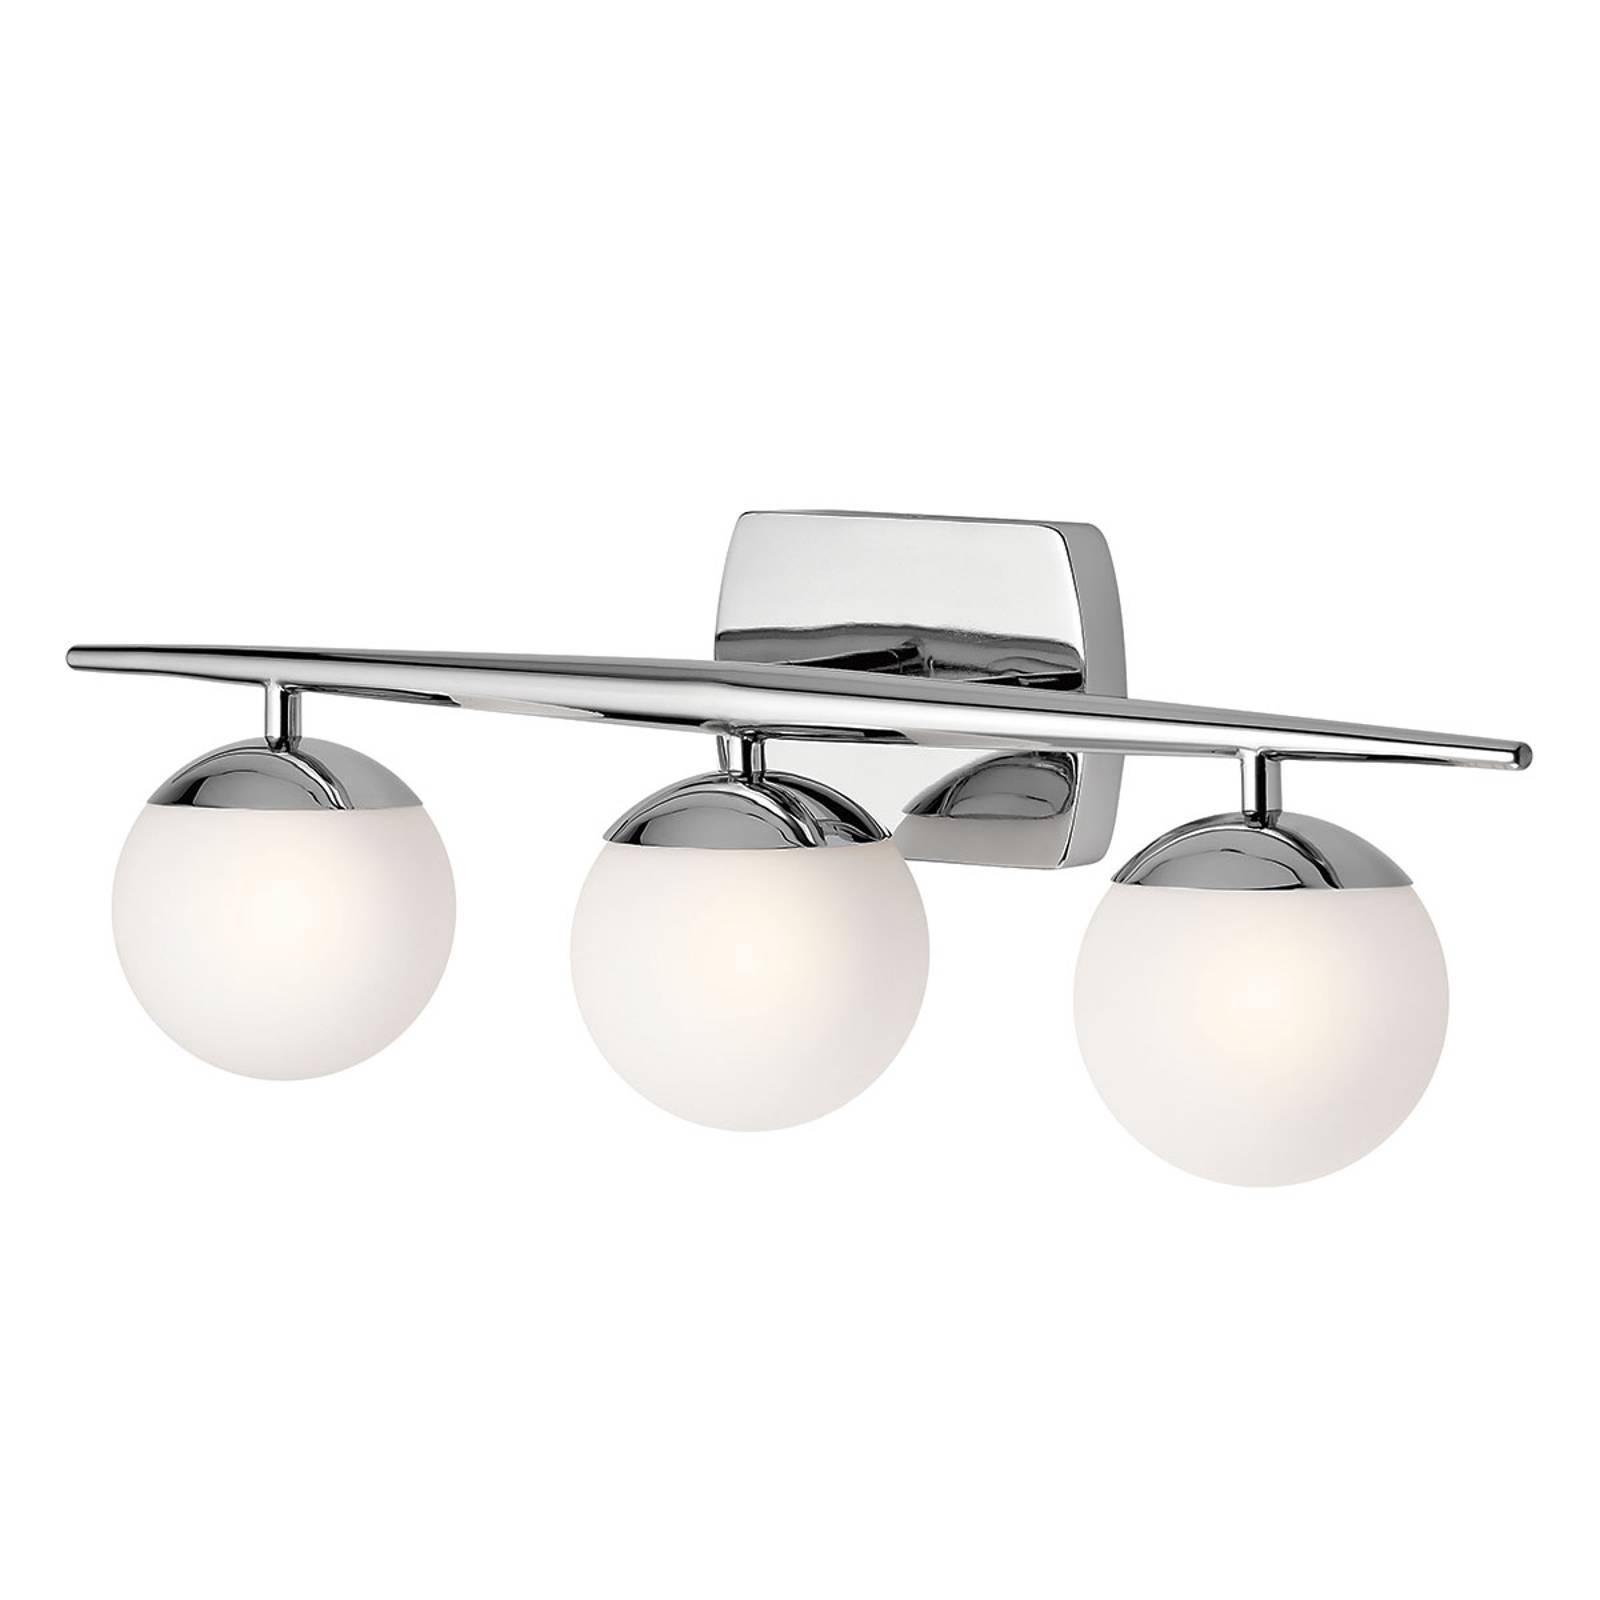 LED badkamer wandlamp Jasper, 3-lamps